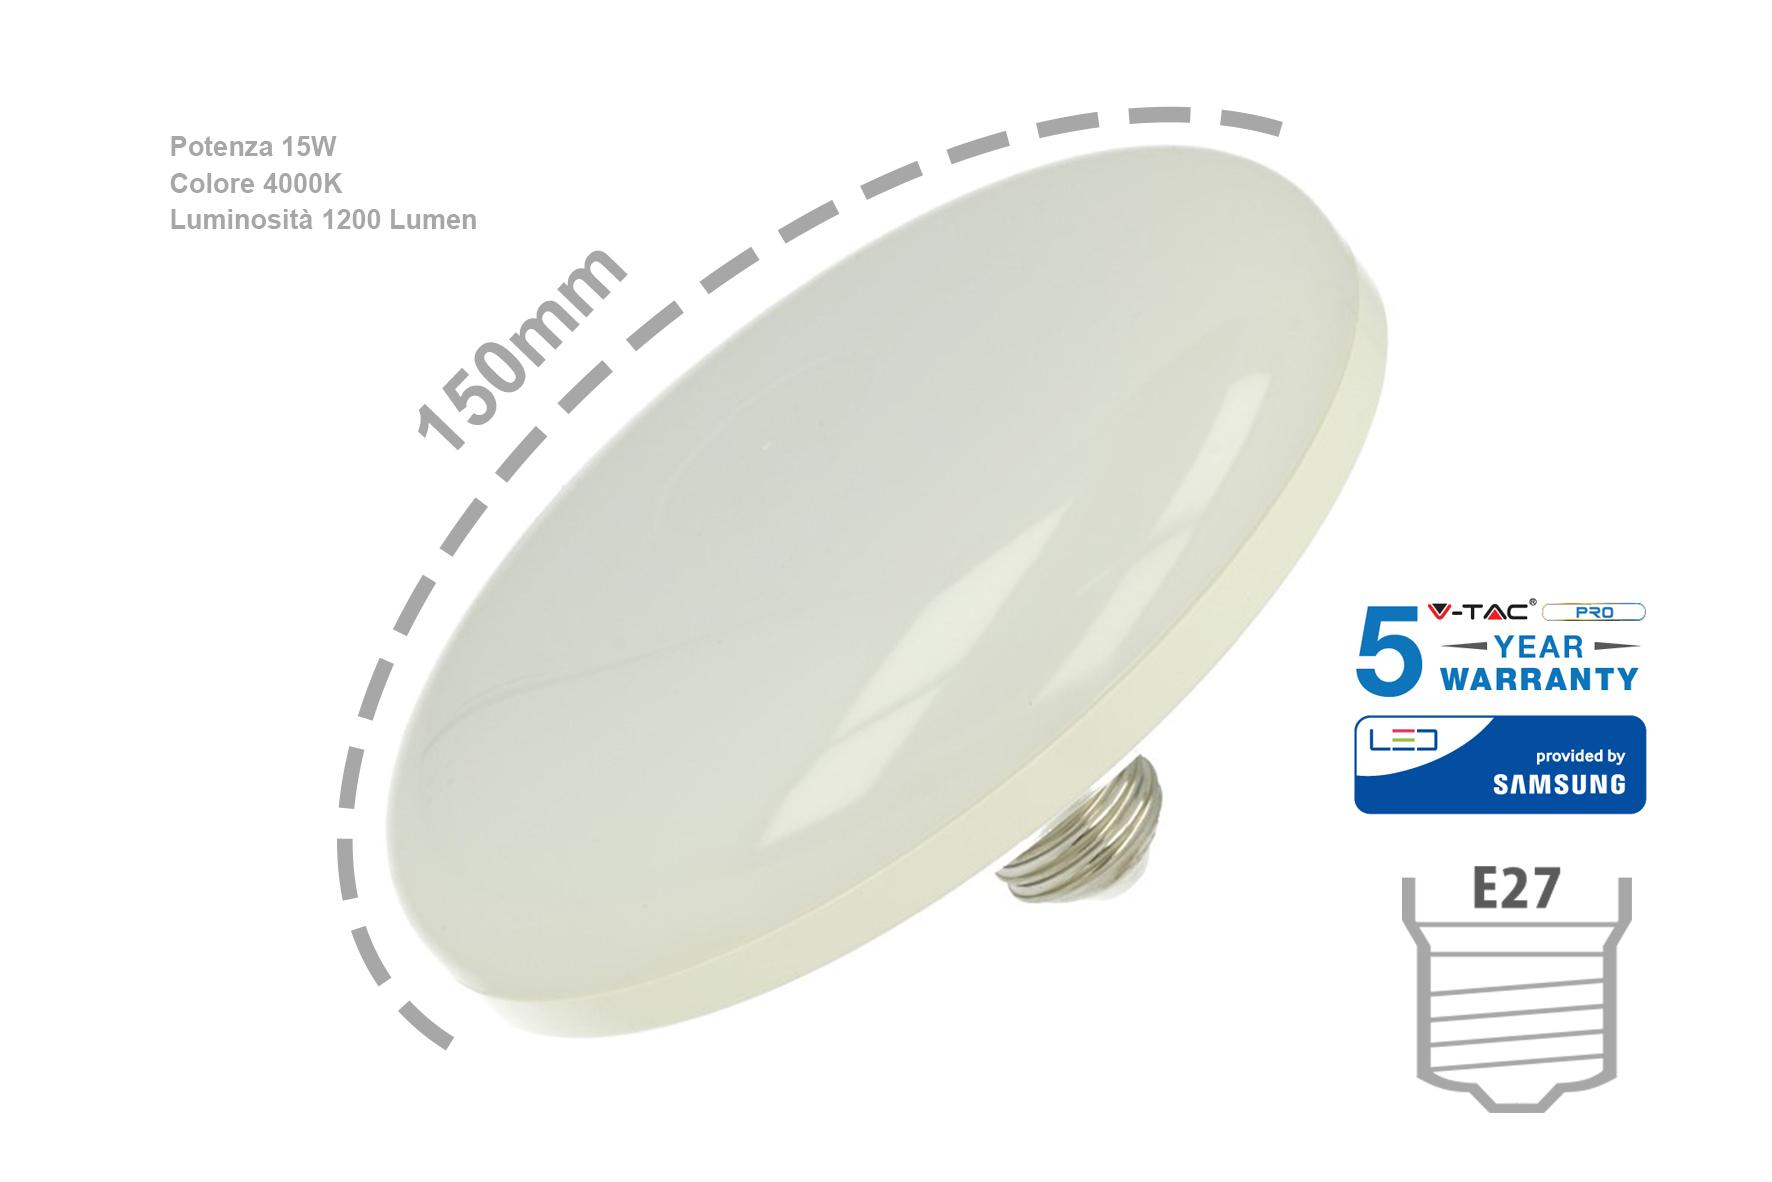 Lampada Led E27 UFO F150 15W 220V Bianco Neutro Samsung Garanzia 5 Anni Per Sostituzione Neon Circolina SKU-214 - PZ